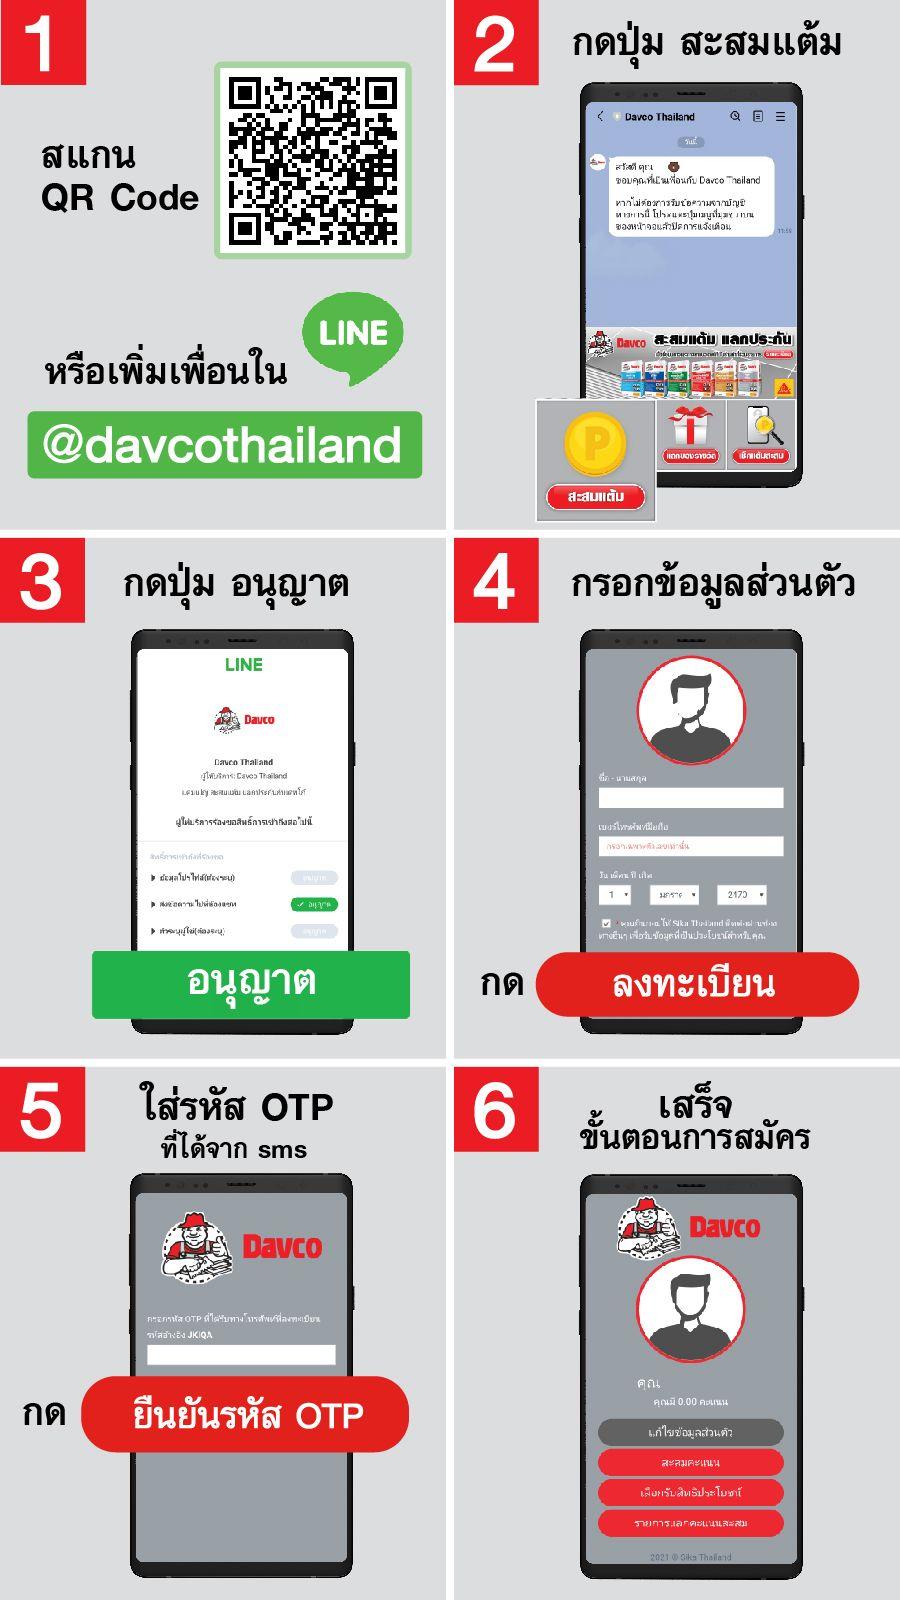 Step registration